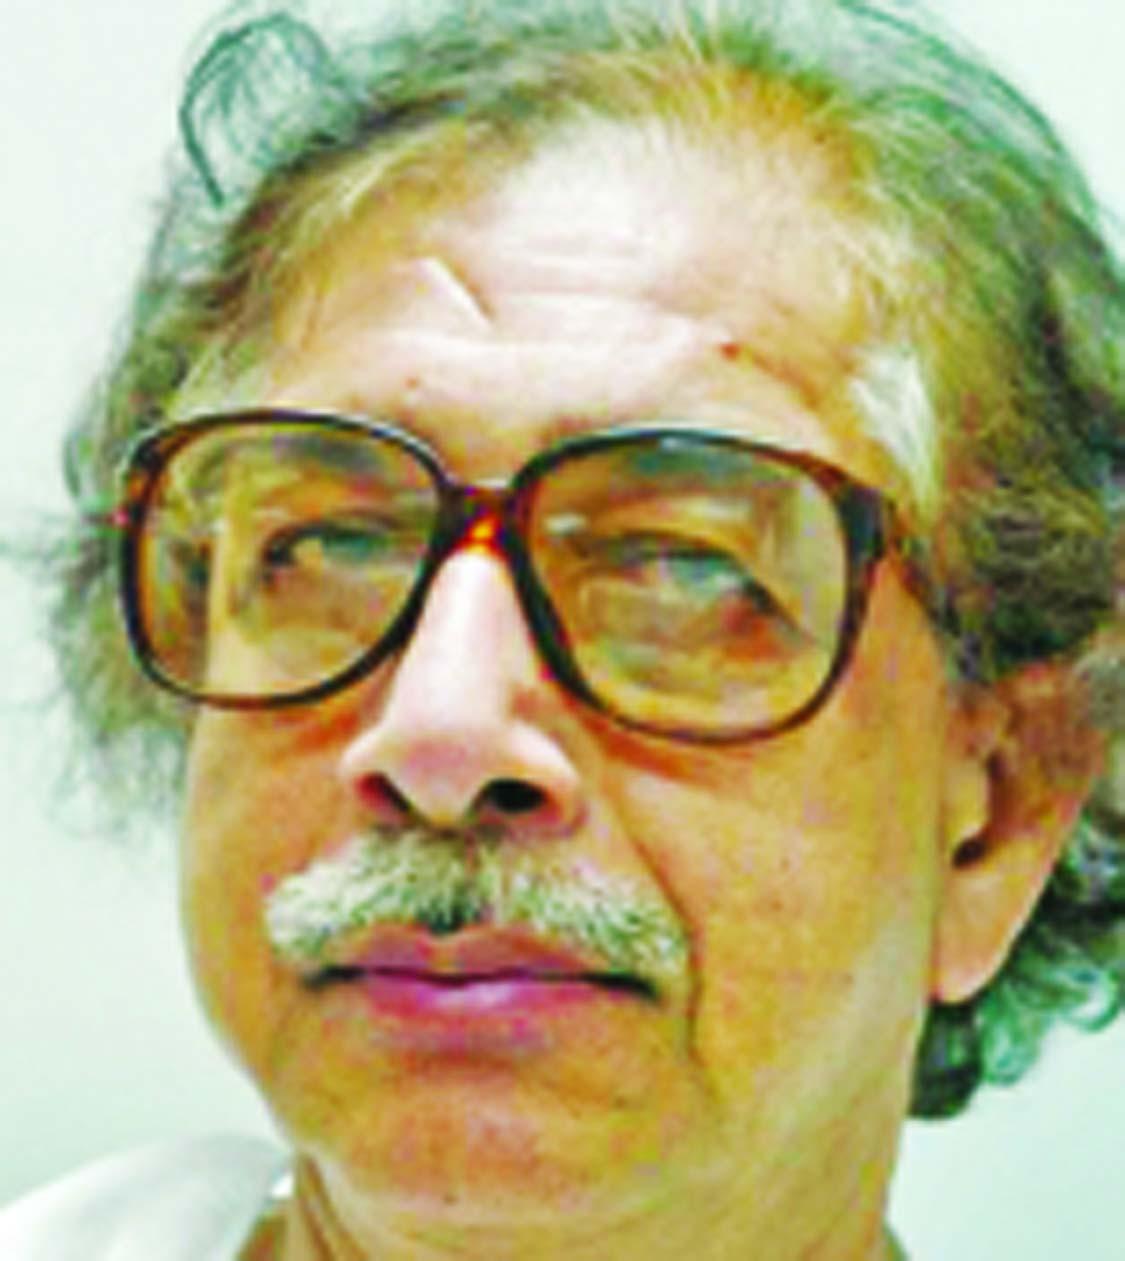 Children's writer Ekhlasuddin Ahmed